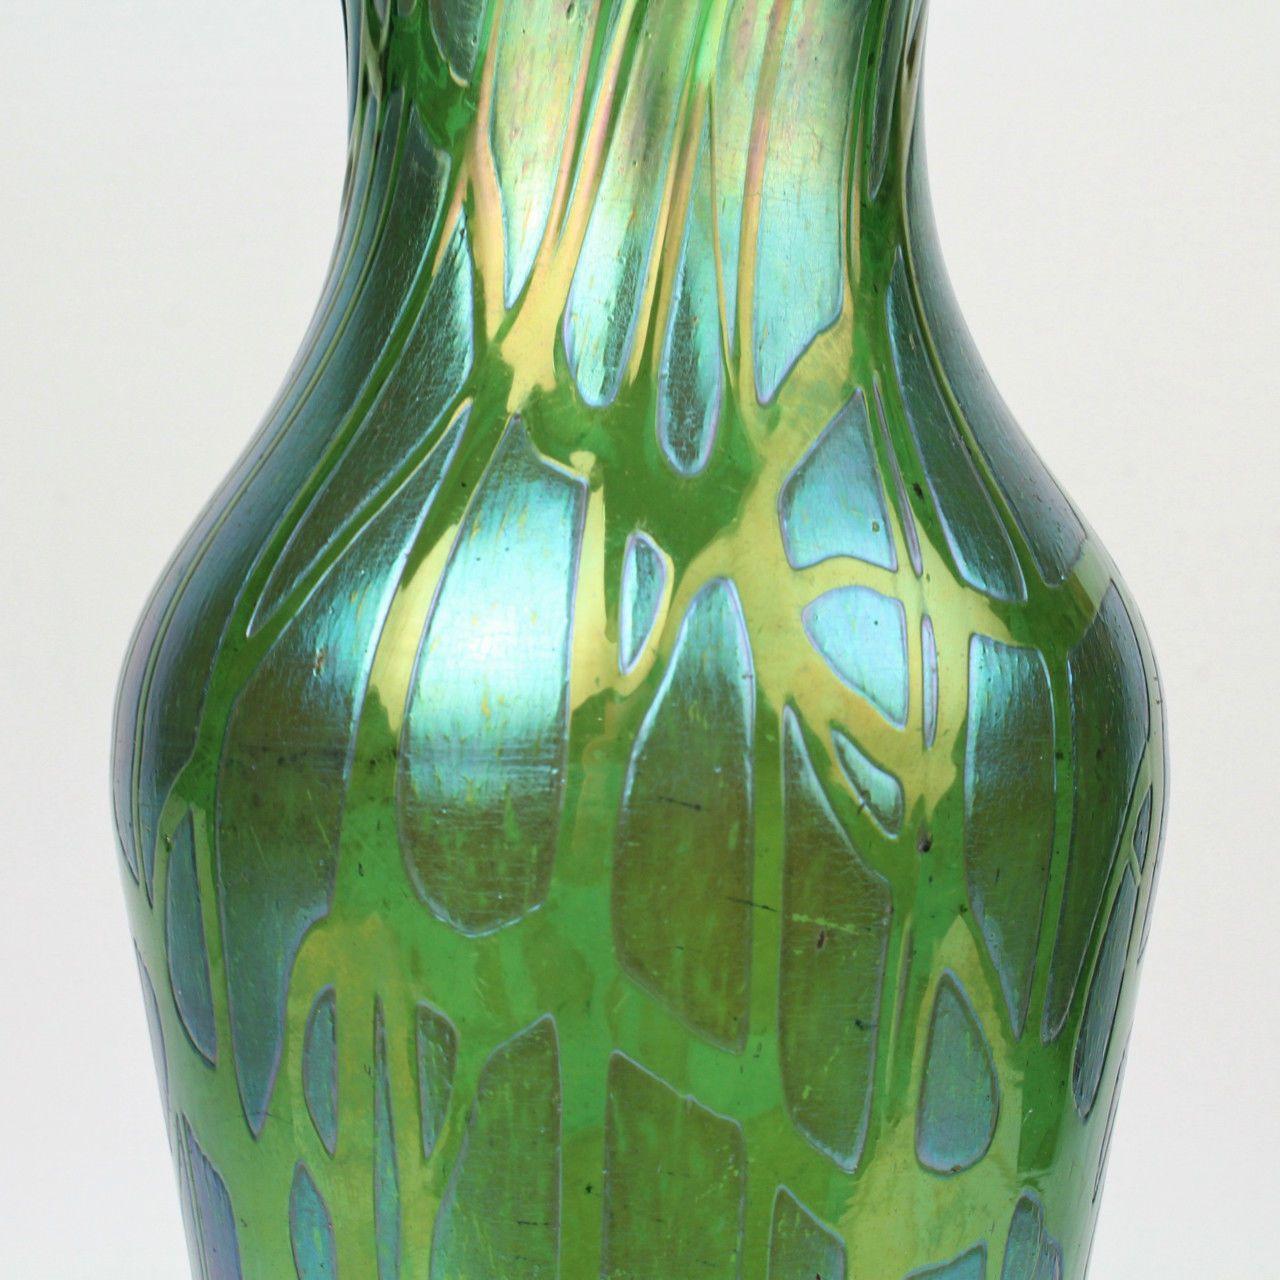 Large Loetz Type Art Nouveau Green Papillon Art Gl Vase - GL ... on zipper car, zipper hat, zipper wall, zipper bracelet, zipper doll, zipper painting, zipper mask,